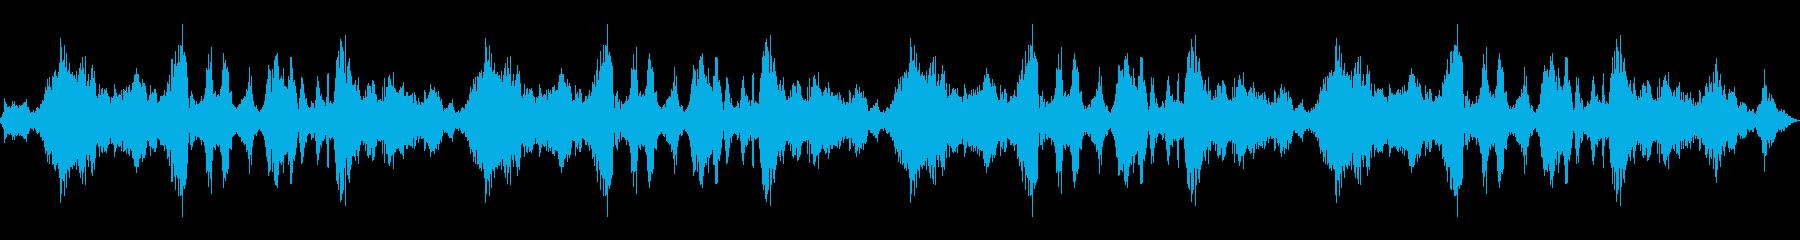 エイリアンスペースクラフトコミュニ...の再生済みの波形